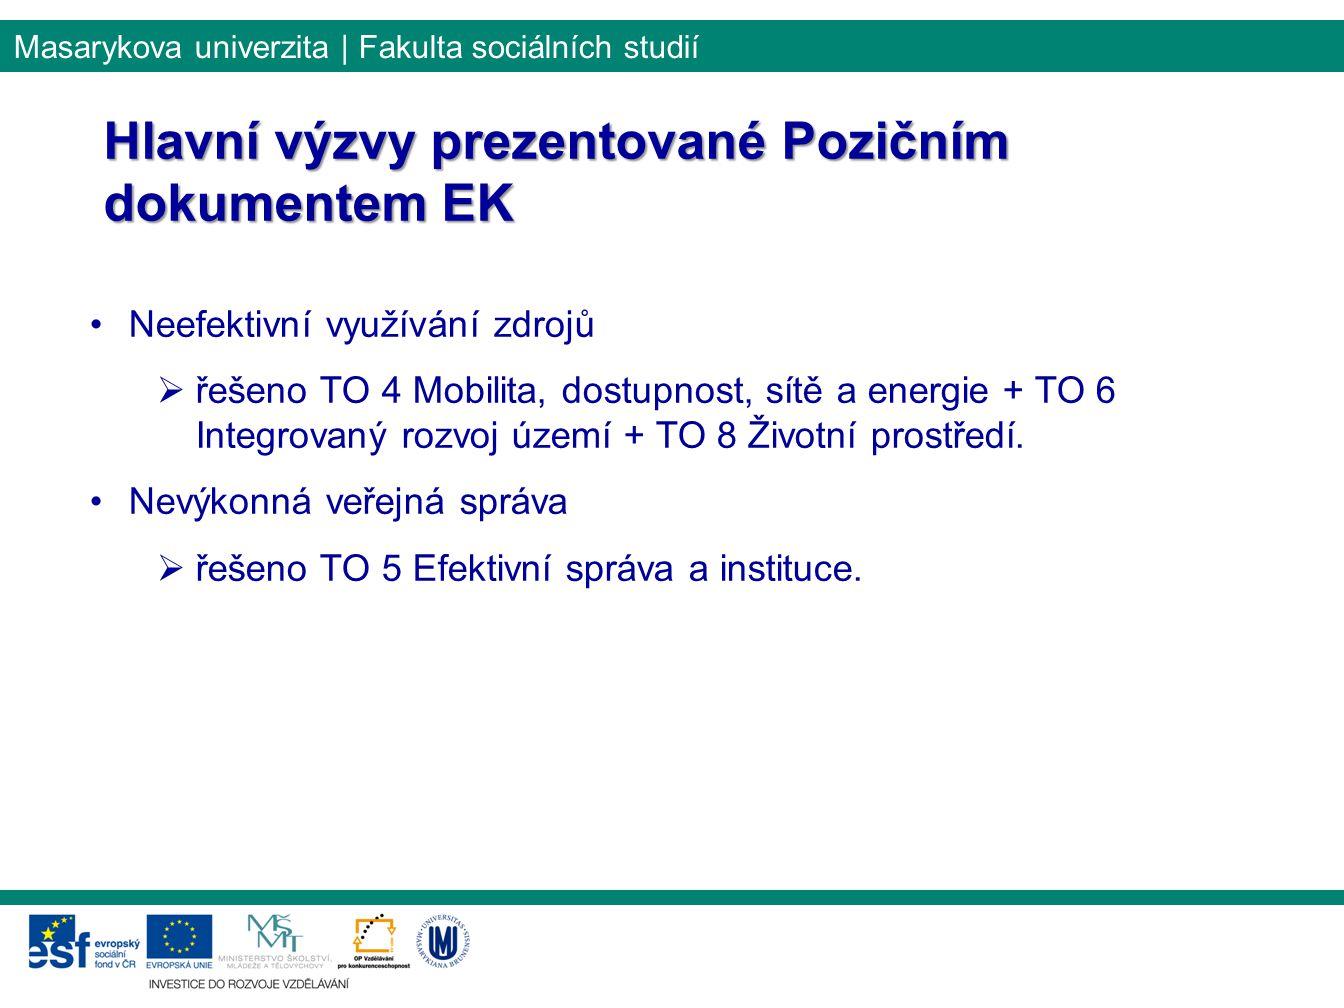 Hlavní výzvy prezentované Pozičním dokumentem EK